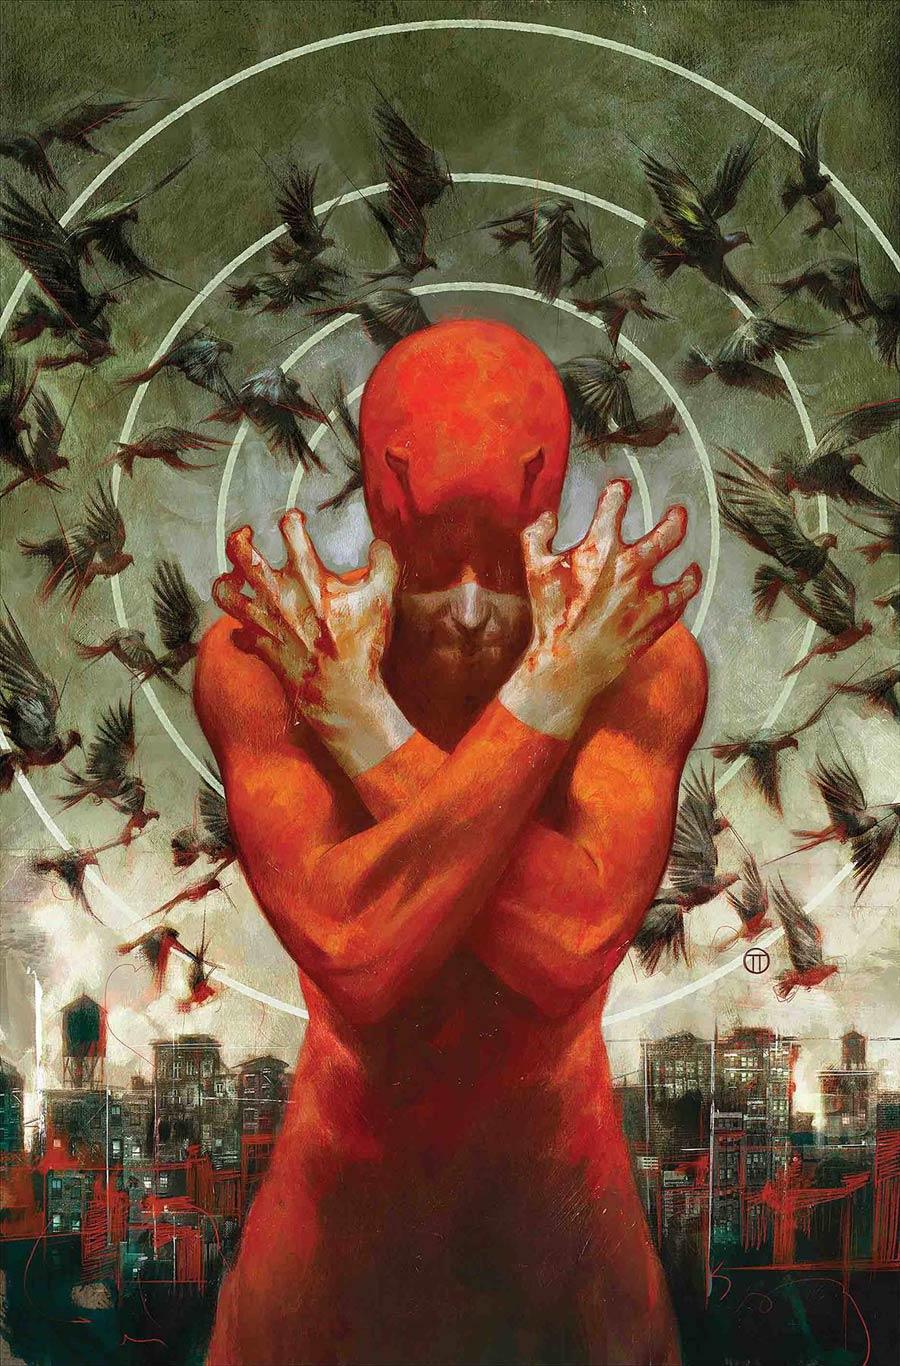 Daredevil Vol 6 #4 Cover A Regular Julian Totino Tedesco Cover